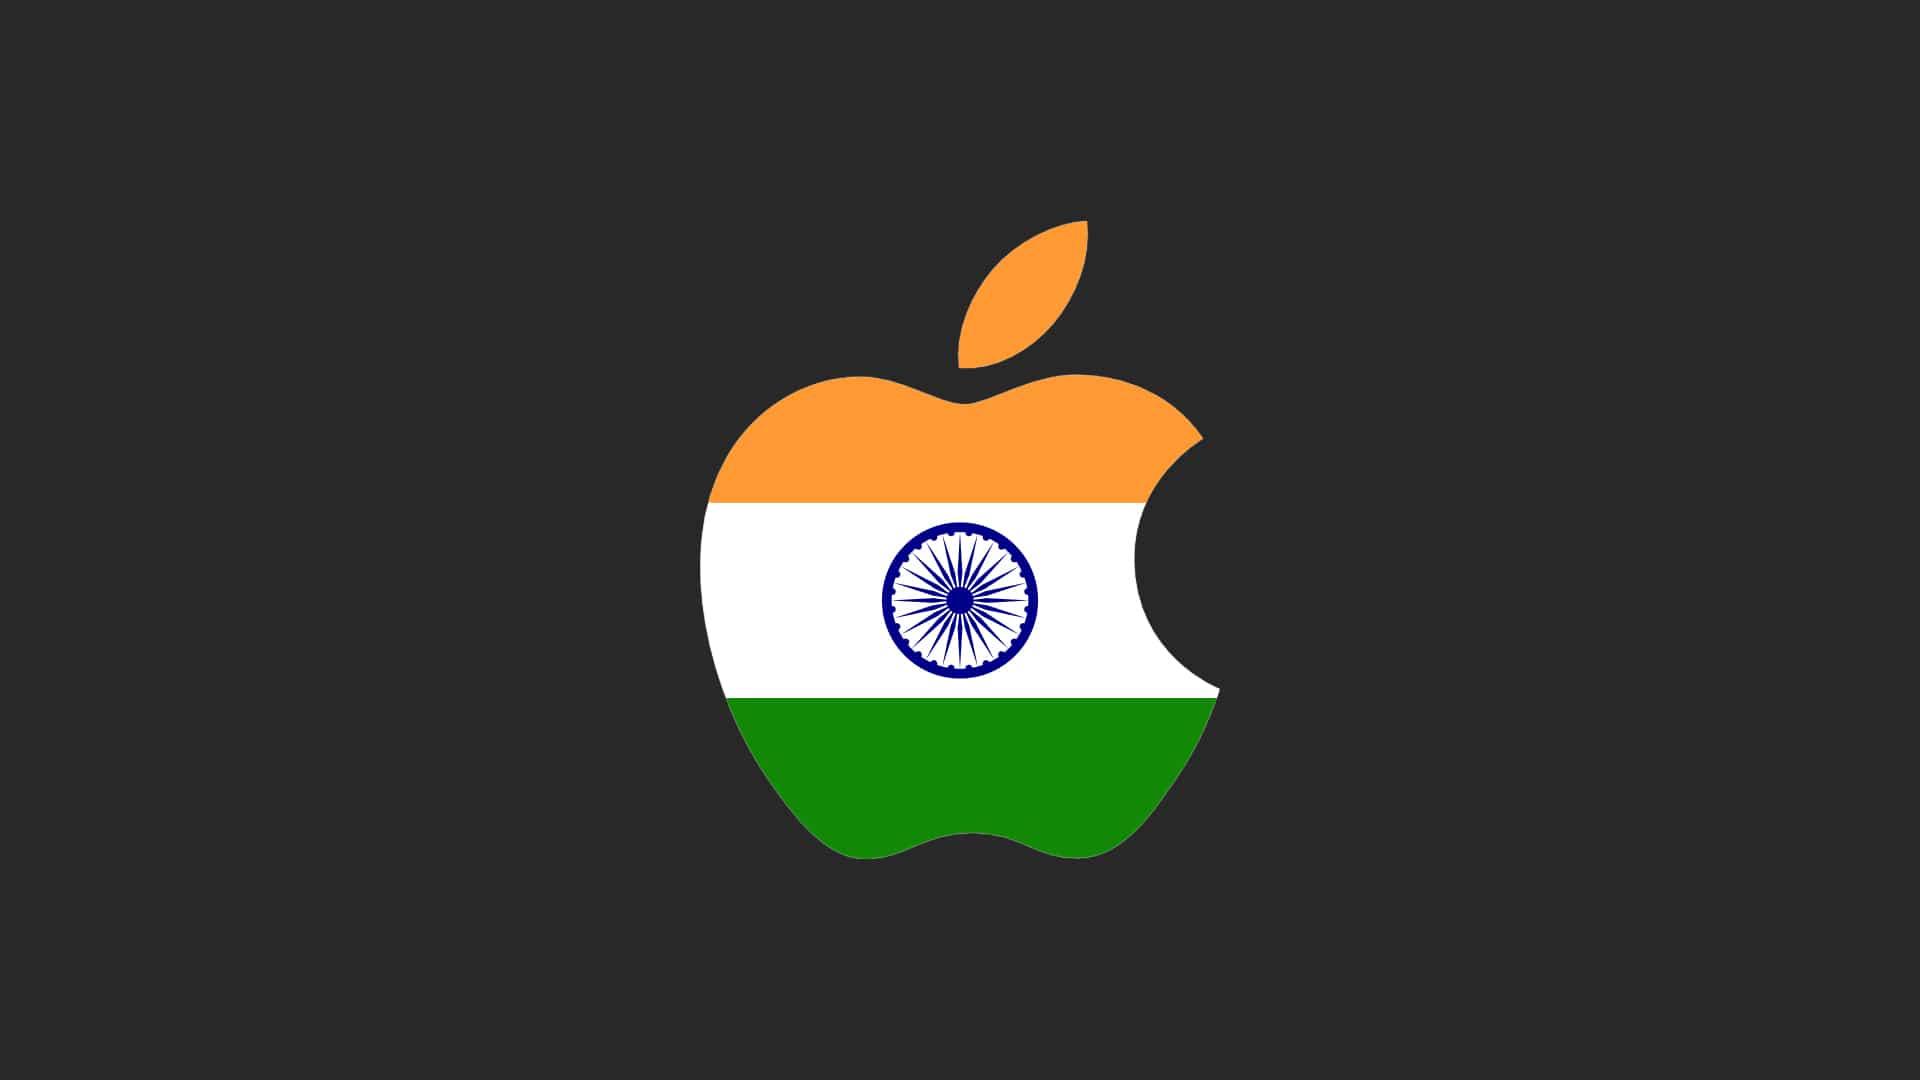 Bandeira da Índia no logo da Apple